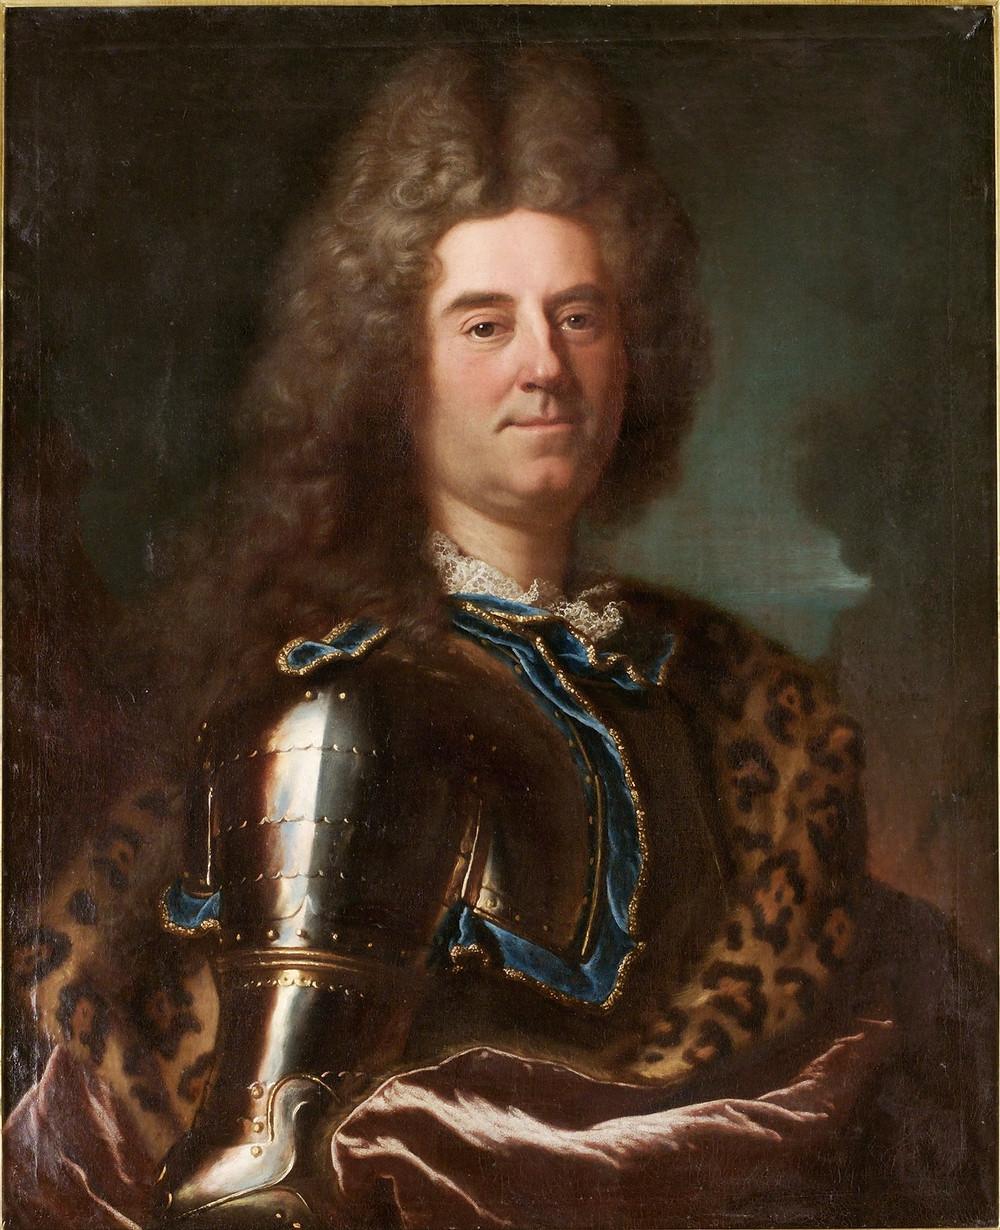 Hyacinthe Rigaud et atelier, Portrait d'Erik Axelsson Sparre de Sundby, 1717, collection particulière